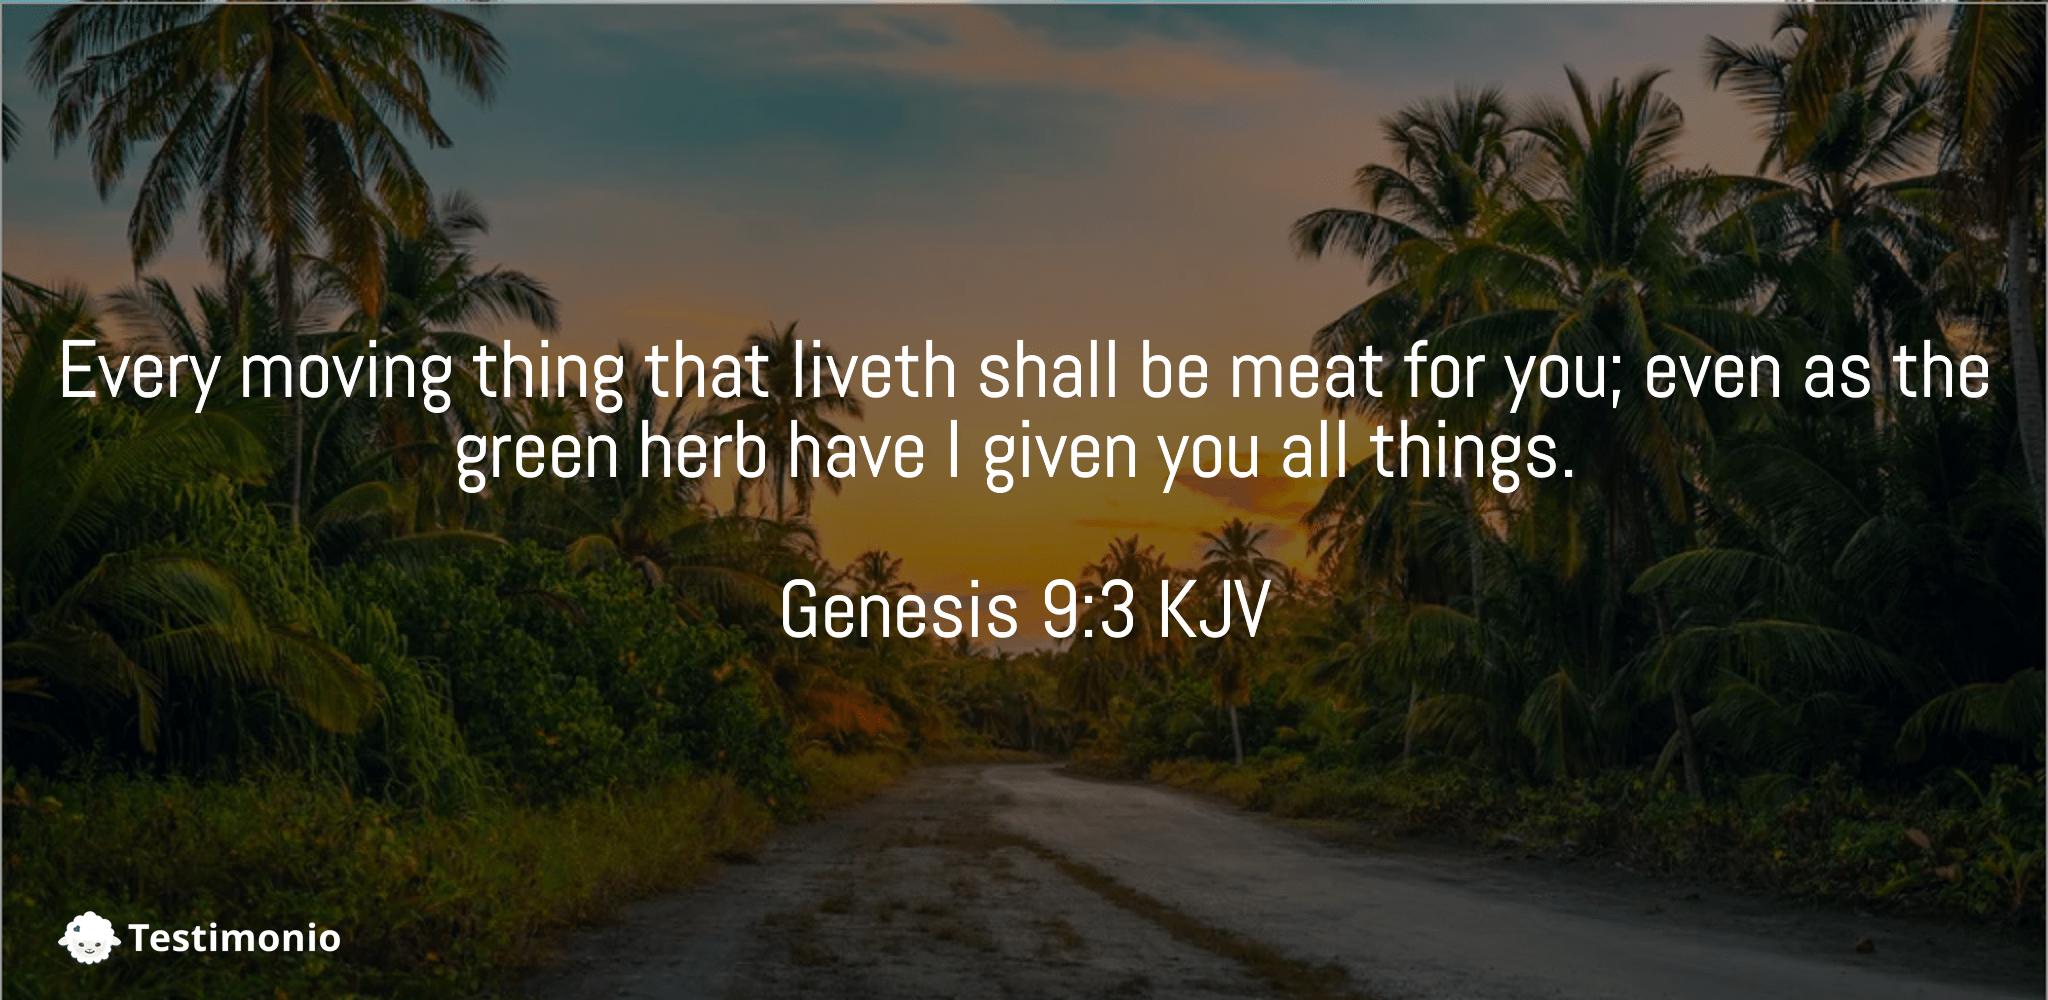 Genesis 9:3